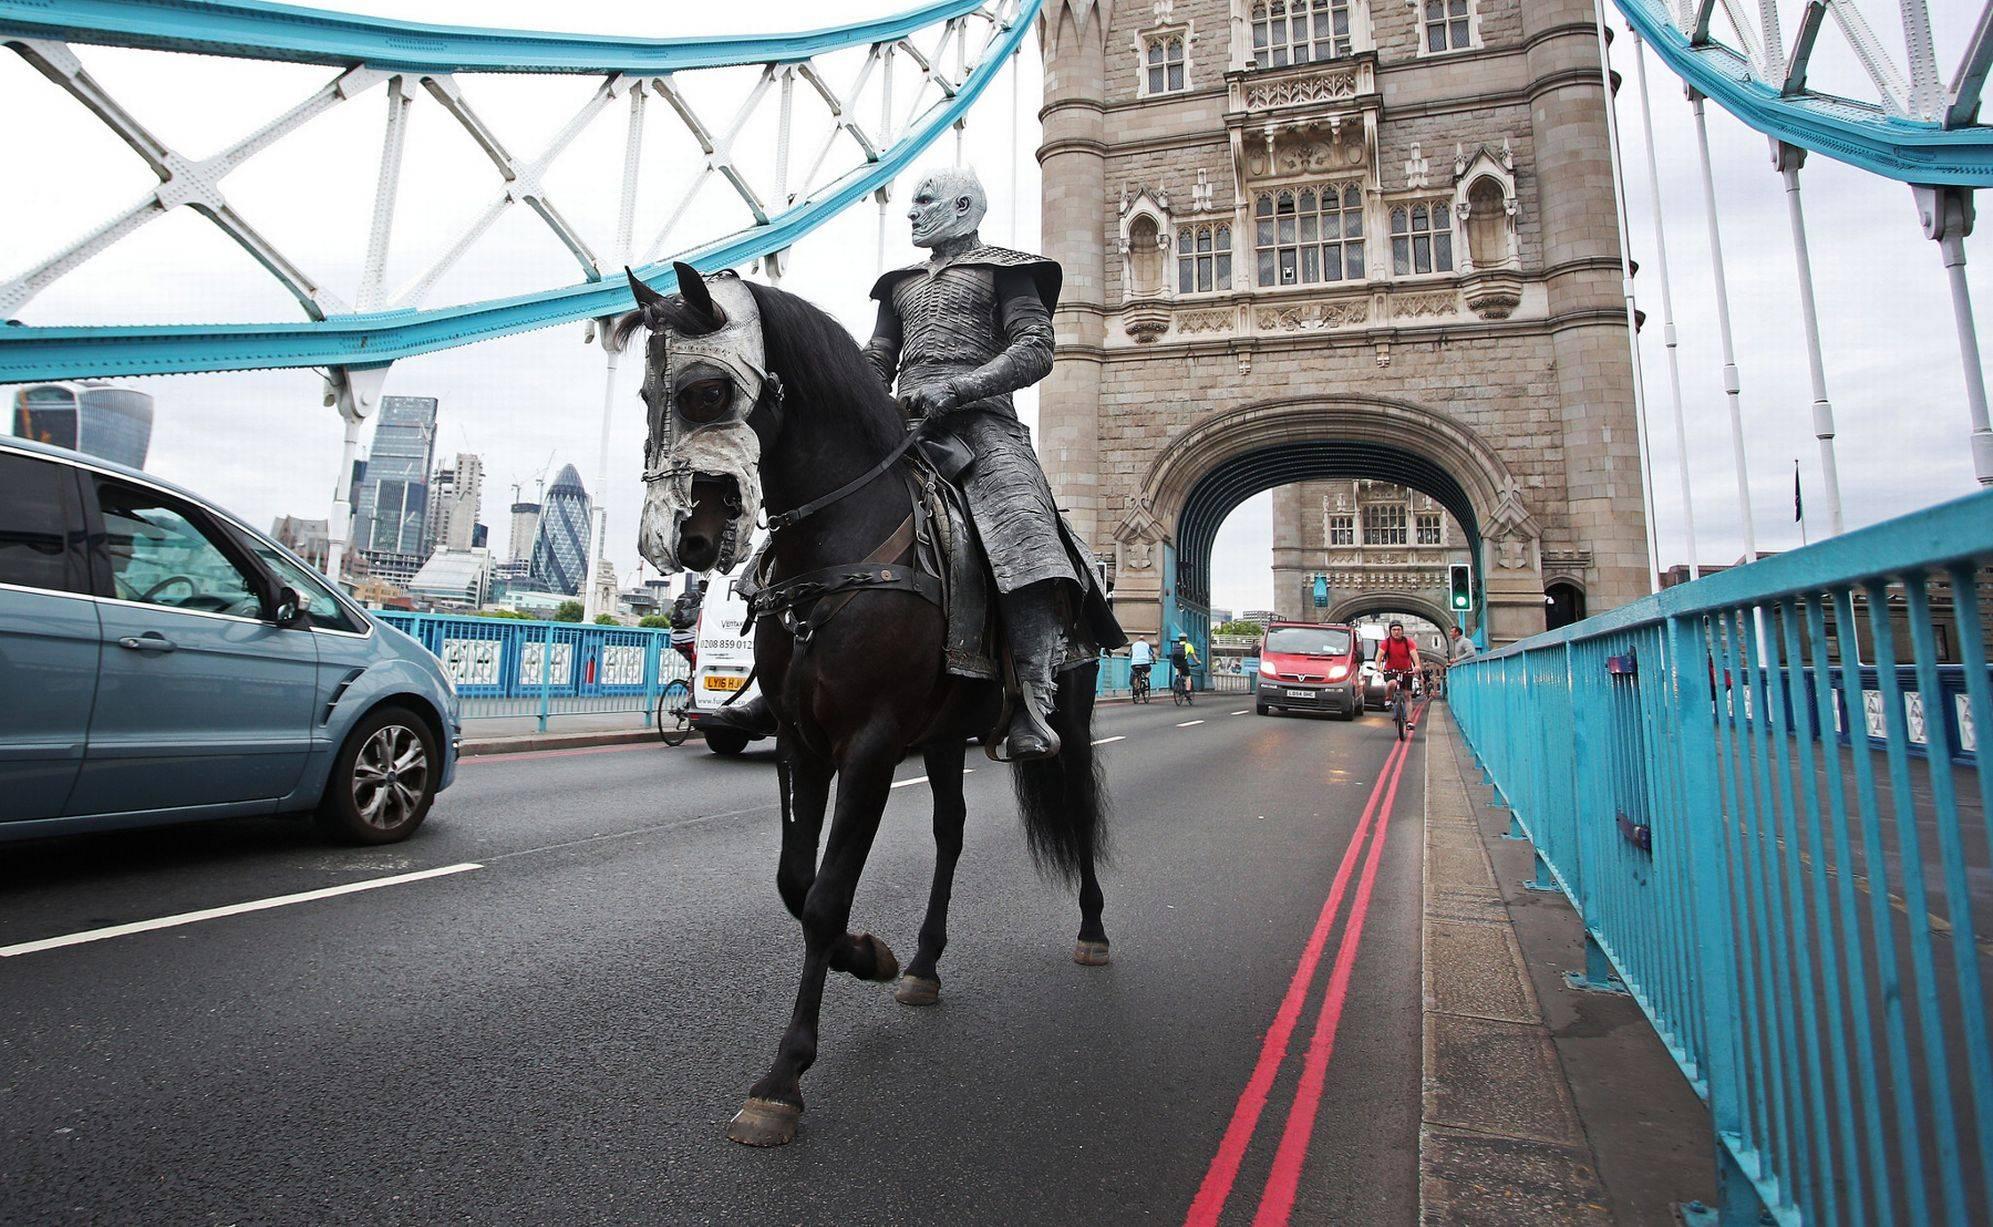 Фото: Белые ходоки из «Игры престолов» прошлись по Лондону 11